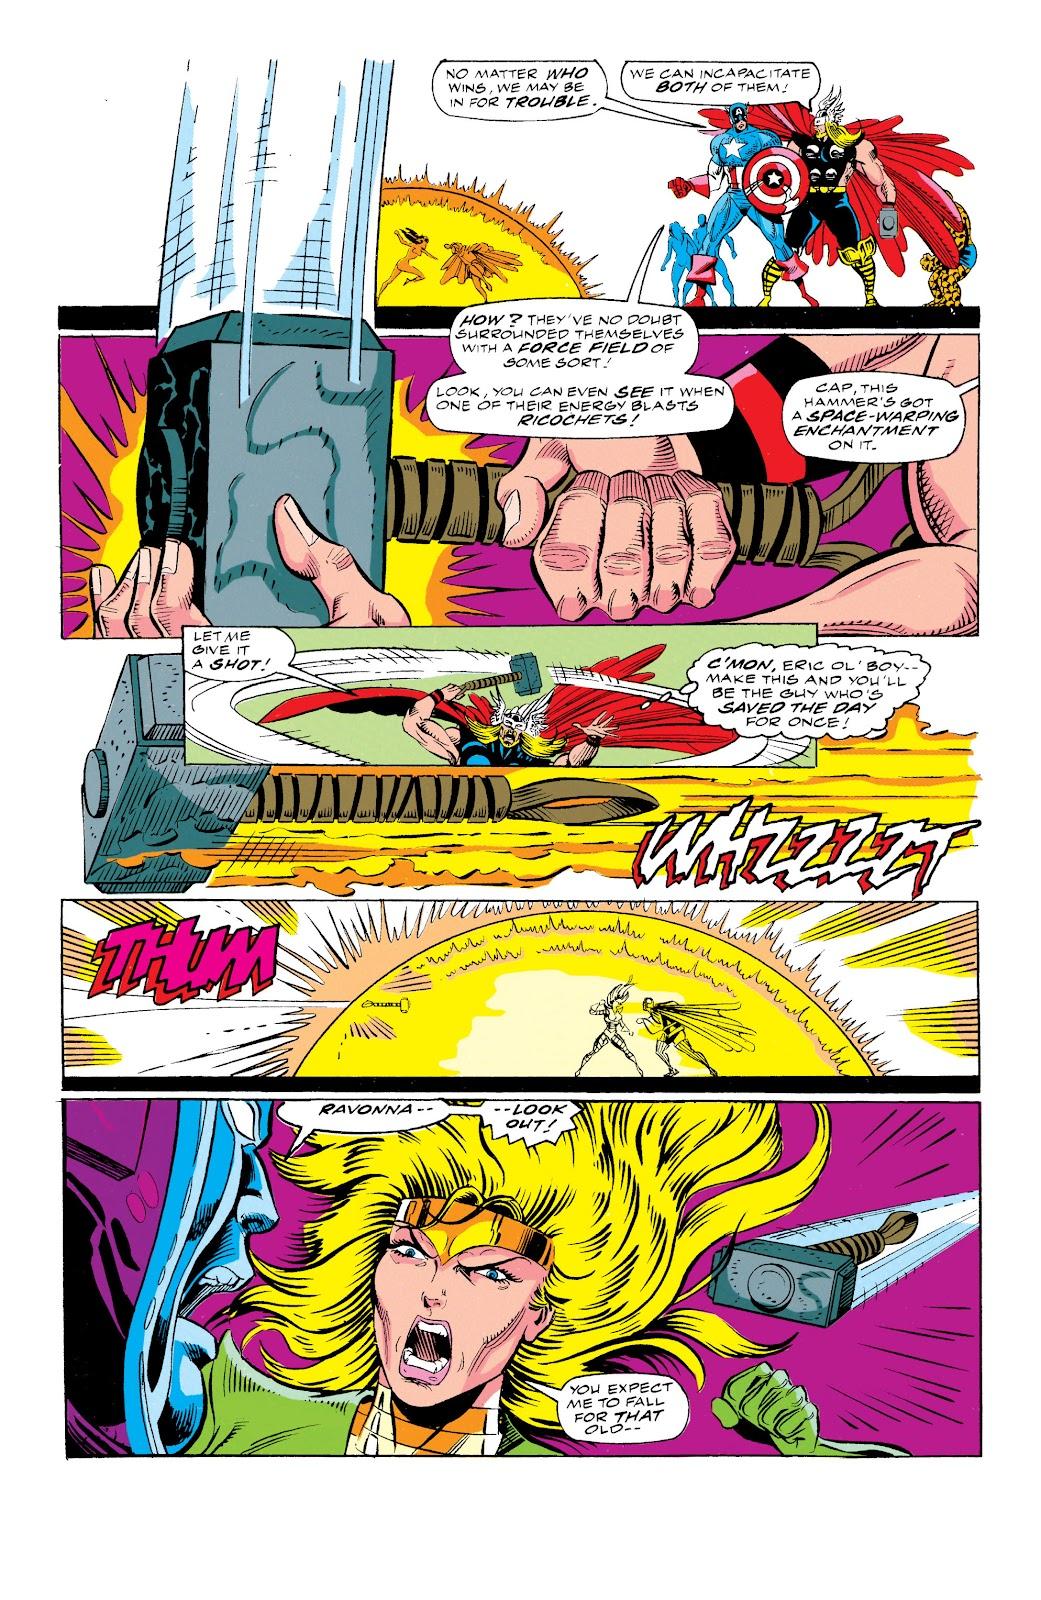 Read online Avengers: Citizen Kang comic -  Issue # TPB (Part 2) - 96